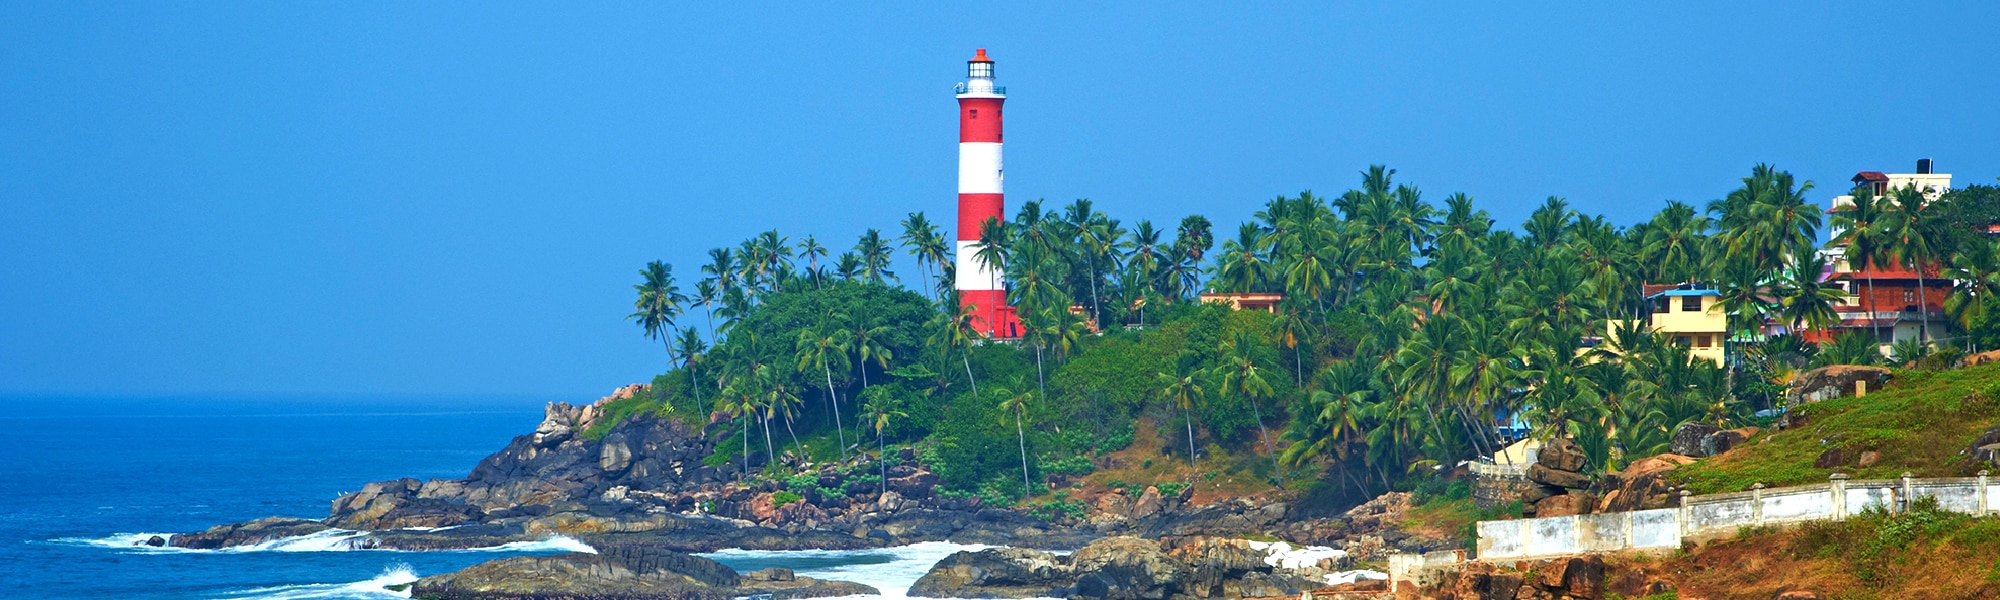 Munnar, Thekkady, Alappuzha, Thiruvananthapuram, Kovalam and Kanyakumari Holiday Package Tour